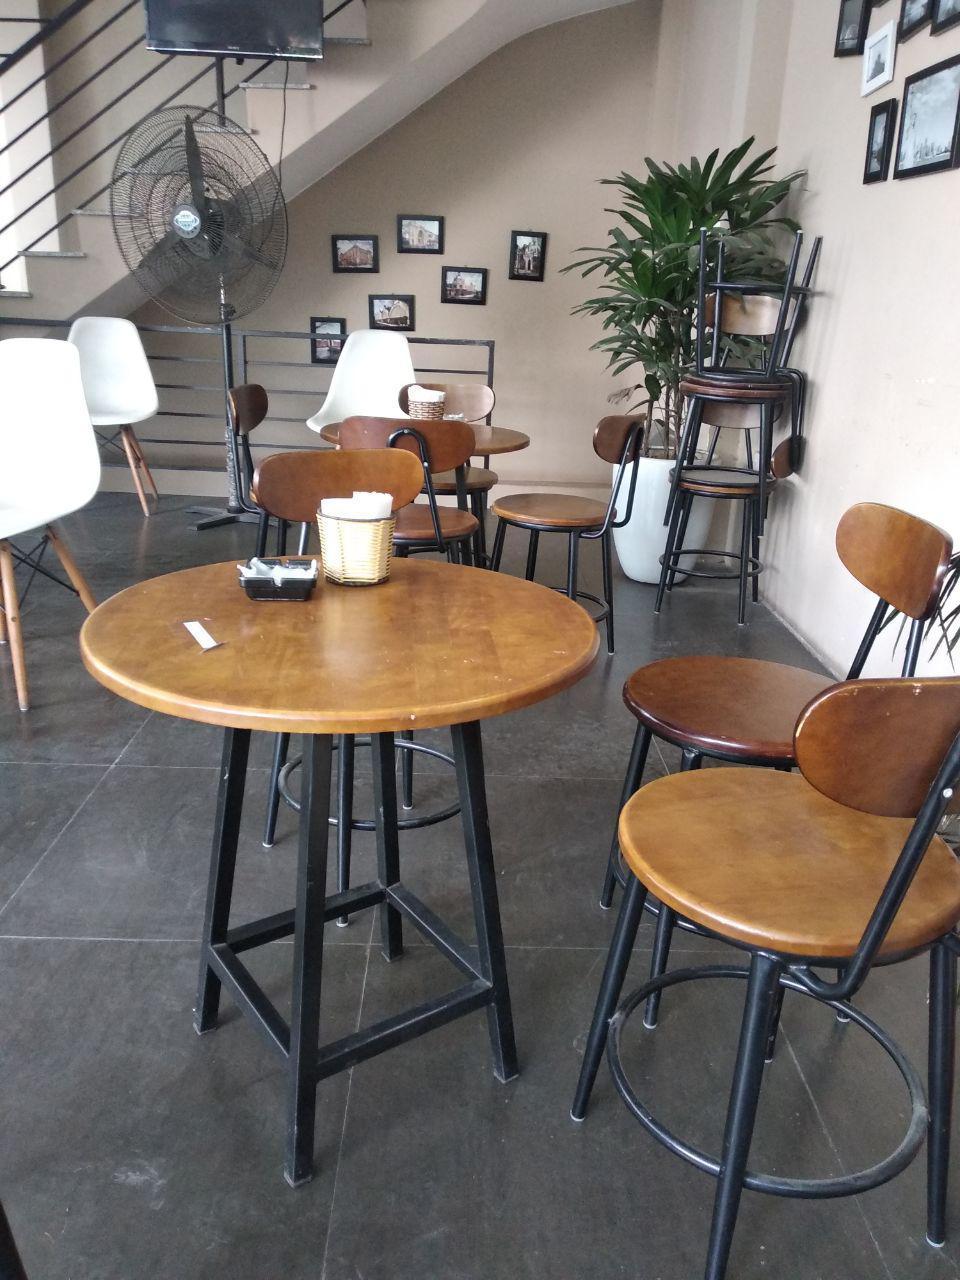 Giao bàn ghế cafe tại Số 1 Hàng dầu-Hoàng-Kiếm Hà Nội